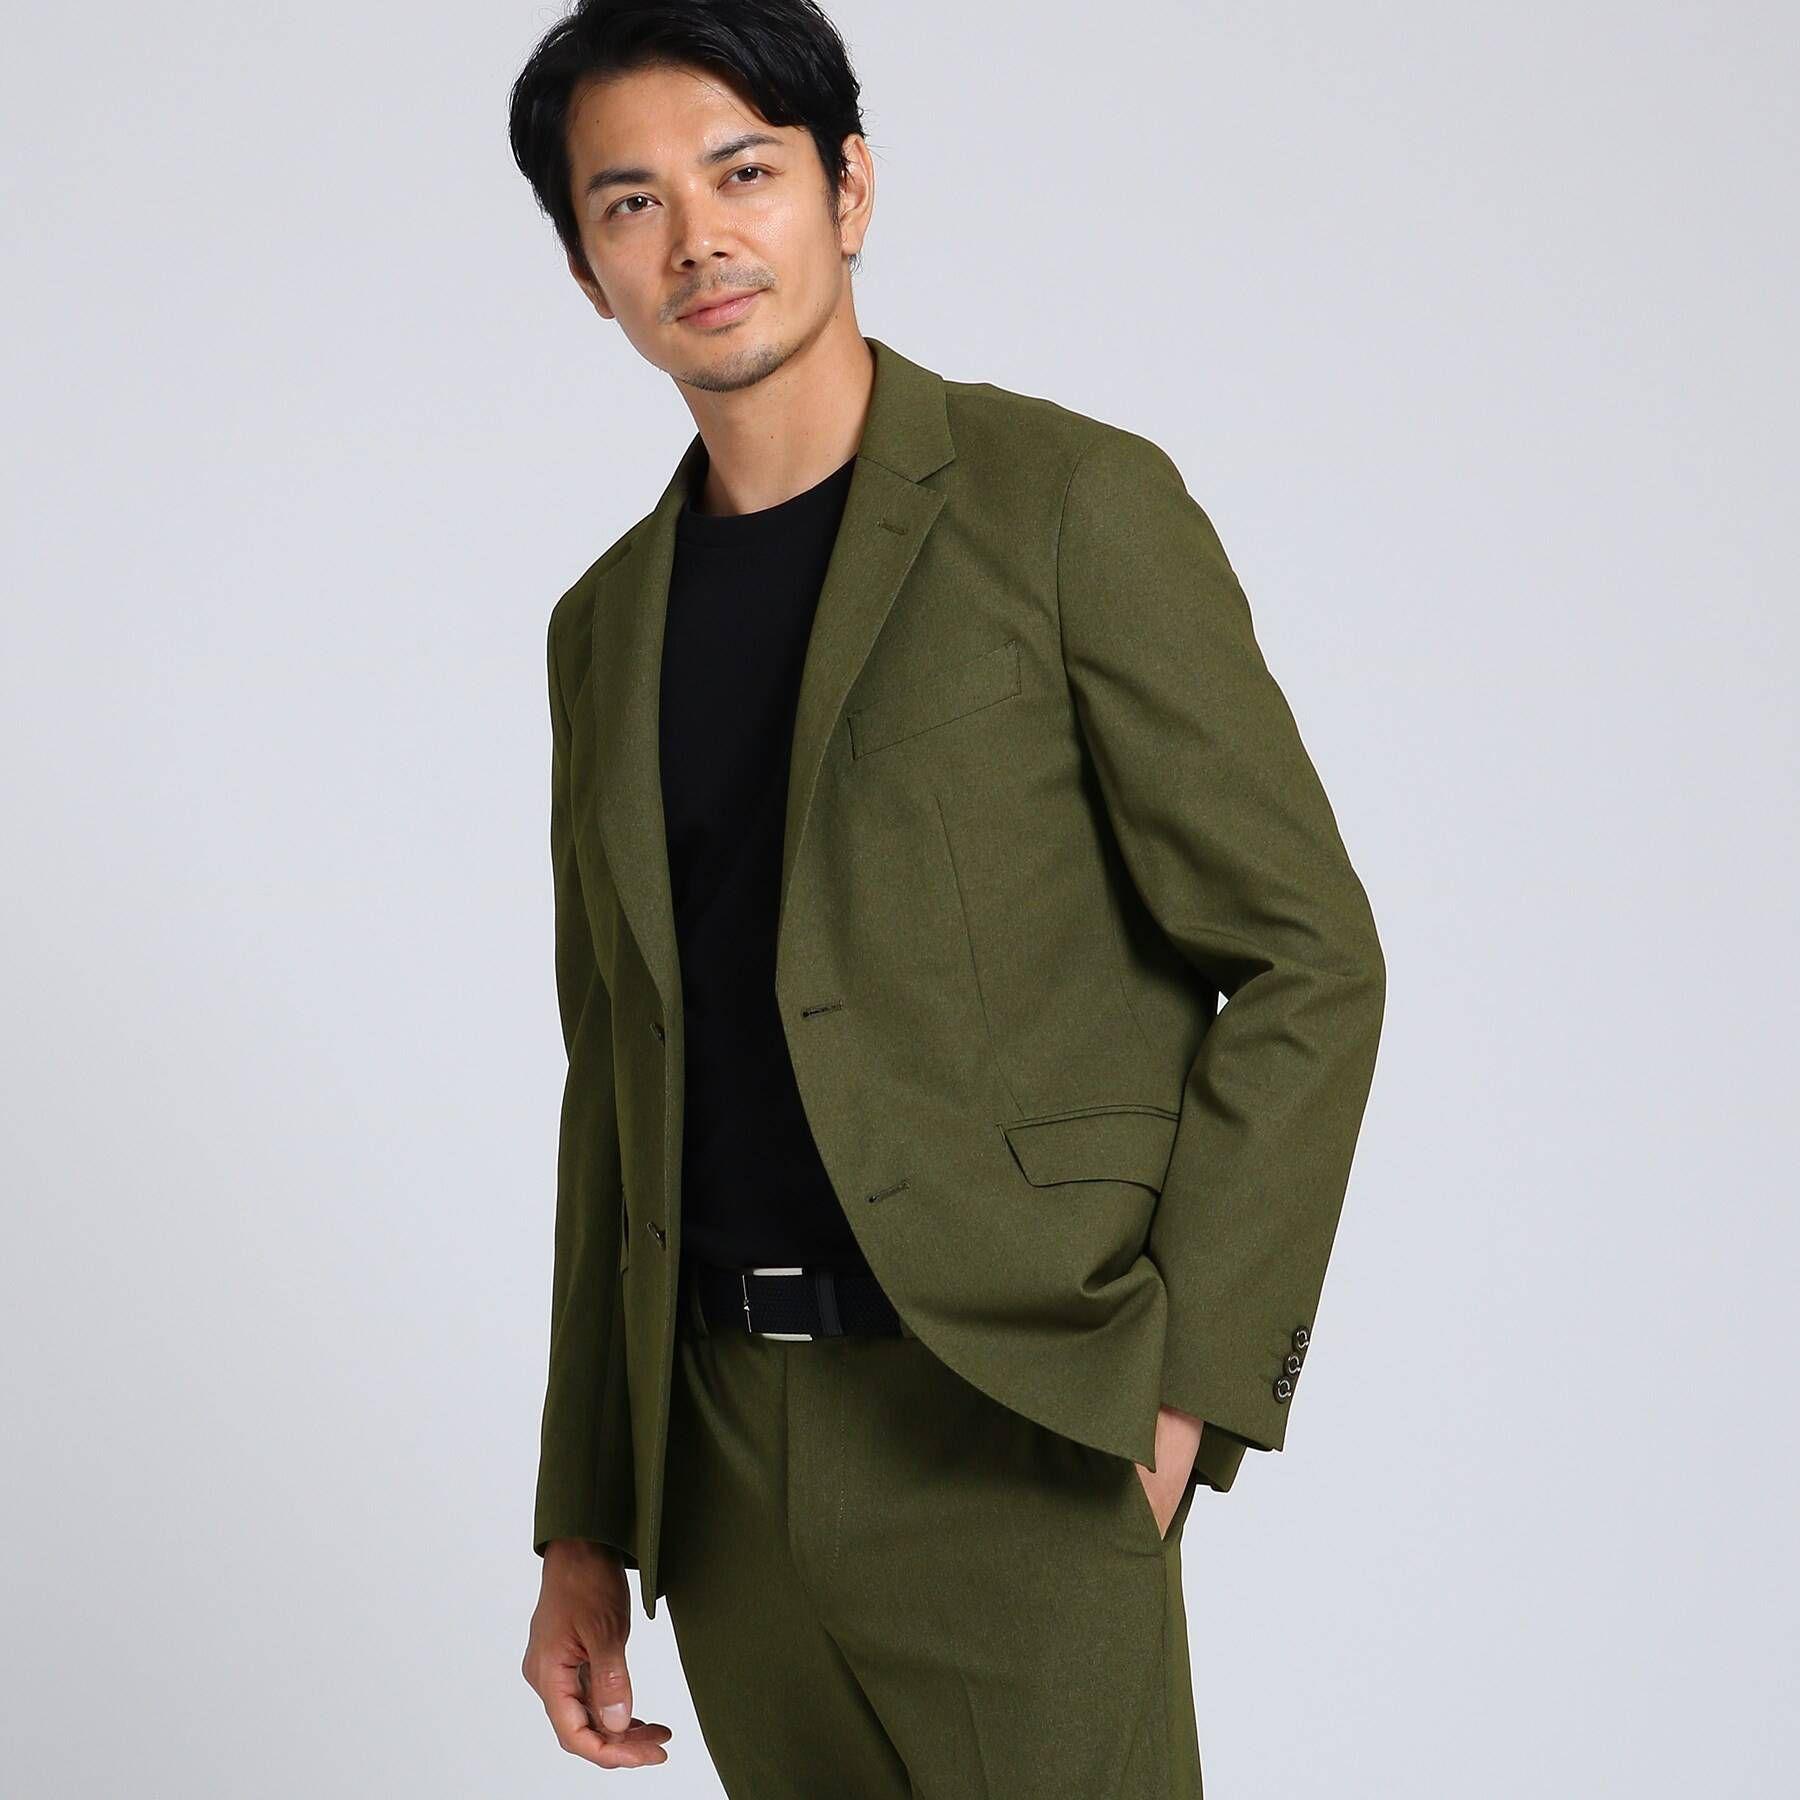 集英社 HAPPY PLUS STOREで買える「TAKEO KIKUCHI(タケオキクチ:メンズ/テックストレッチ メランジ ジャケット」の画像です。価格は37,400円になります。